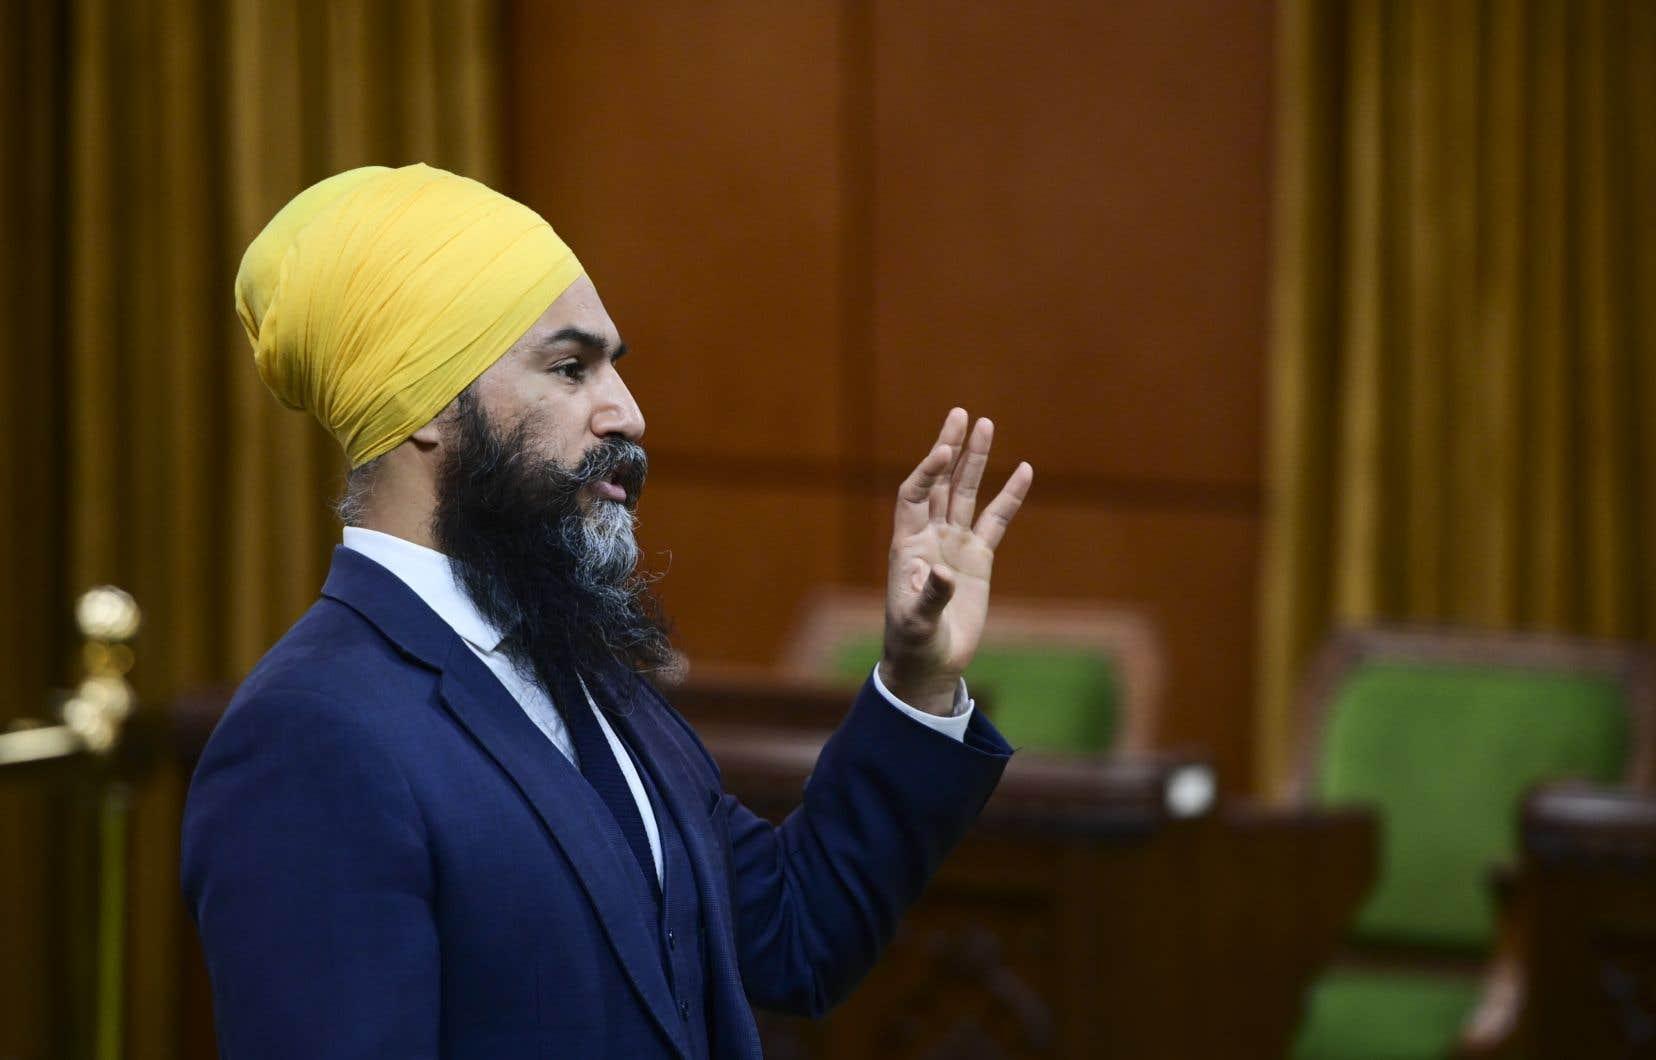 Jagmeet Singh, qui porte lui-même le turban sikh, s'est toujours opposé à la Loi sur la laïcité de l'État, tout en disant respecter la compétence du Québec de légiférer en la matière.